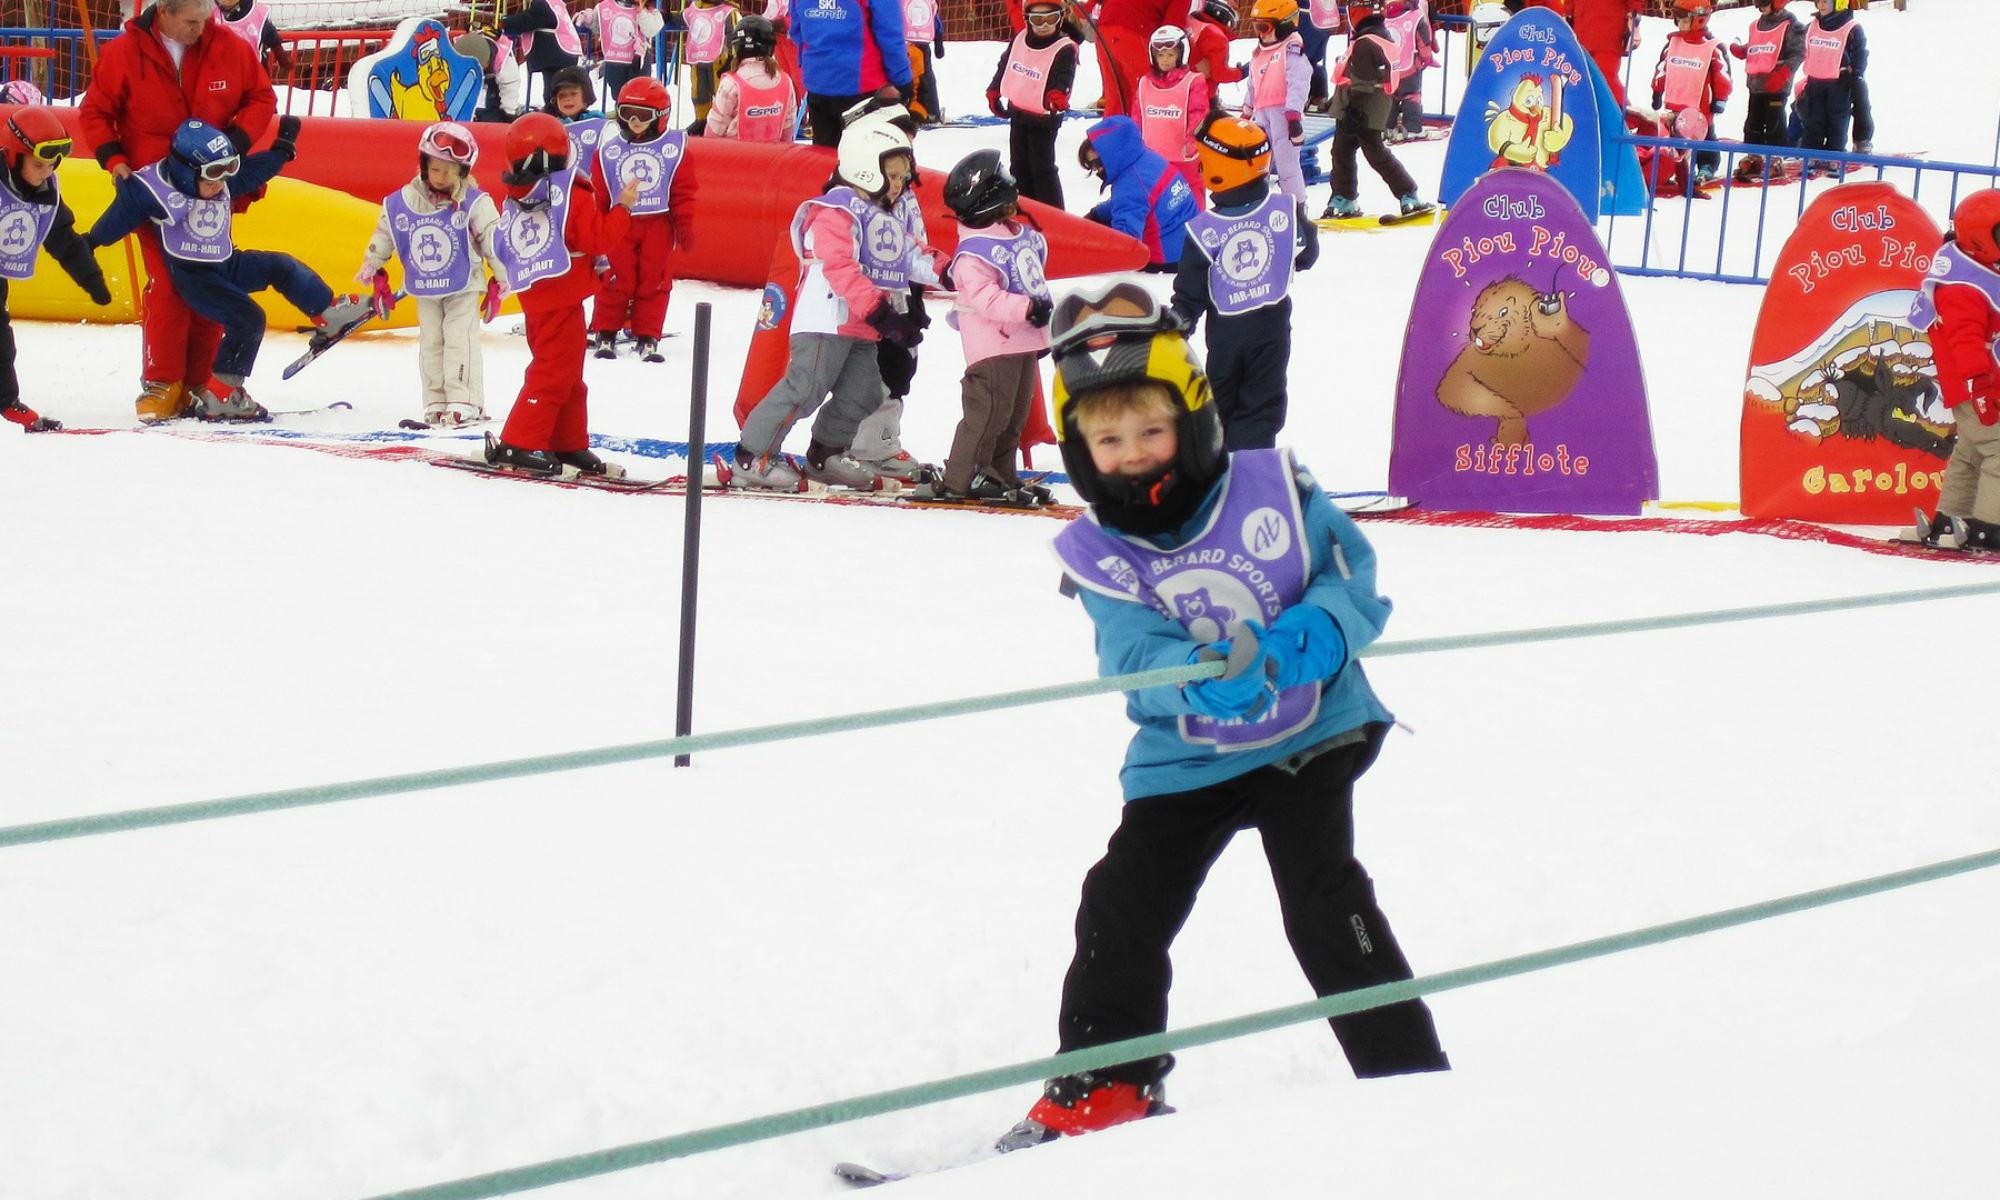 Un jeune skieur utilise une télécorde dans un jardin d'enfants.